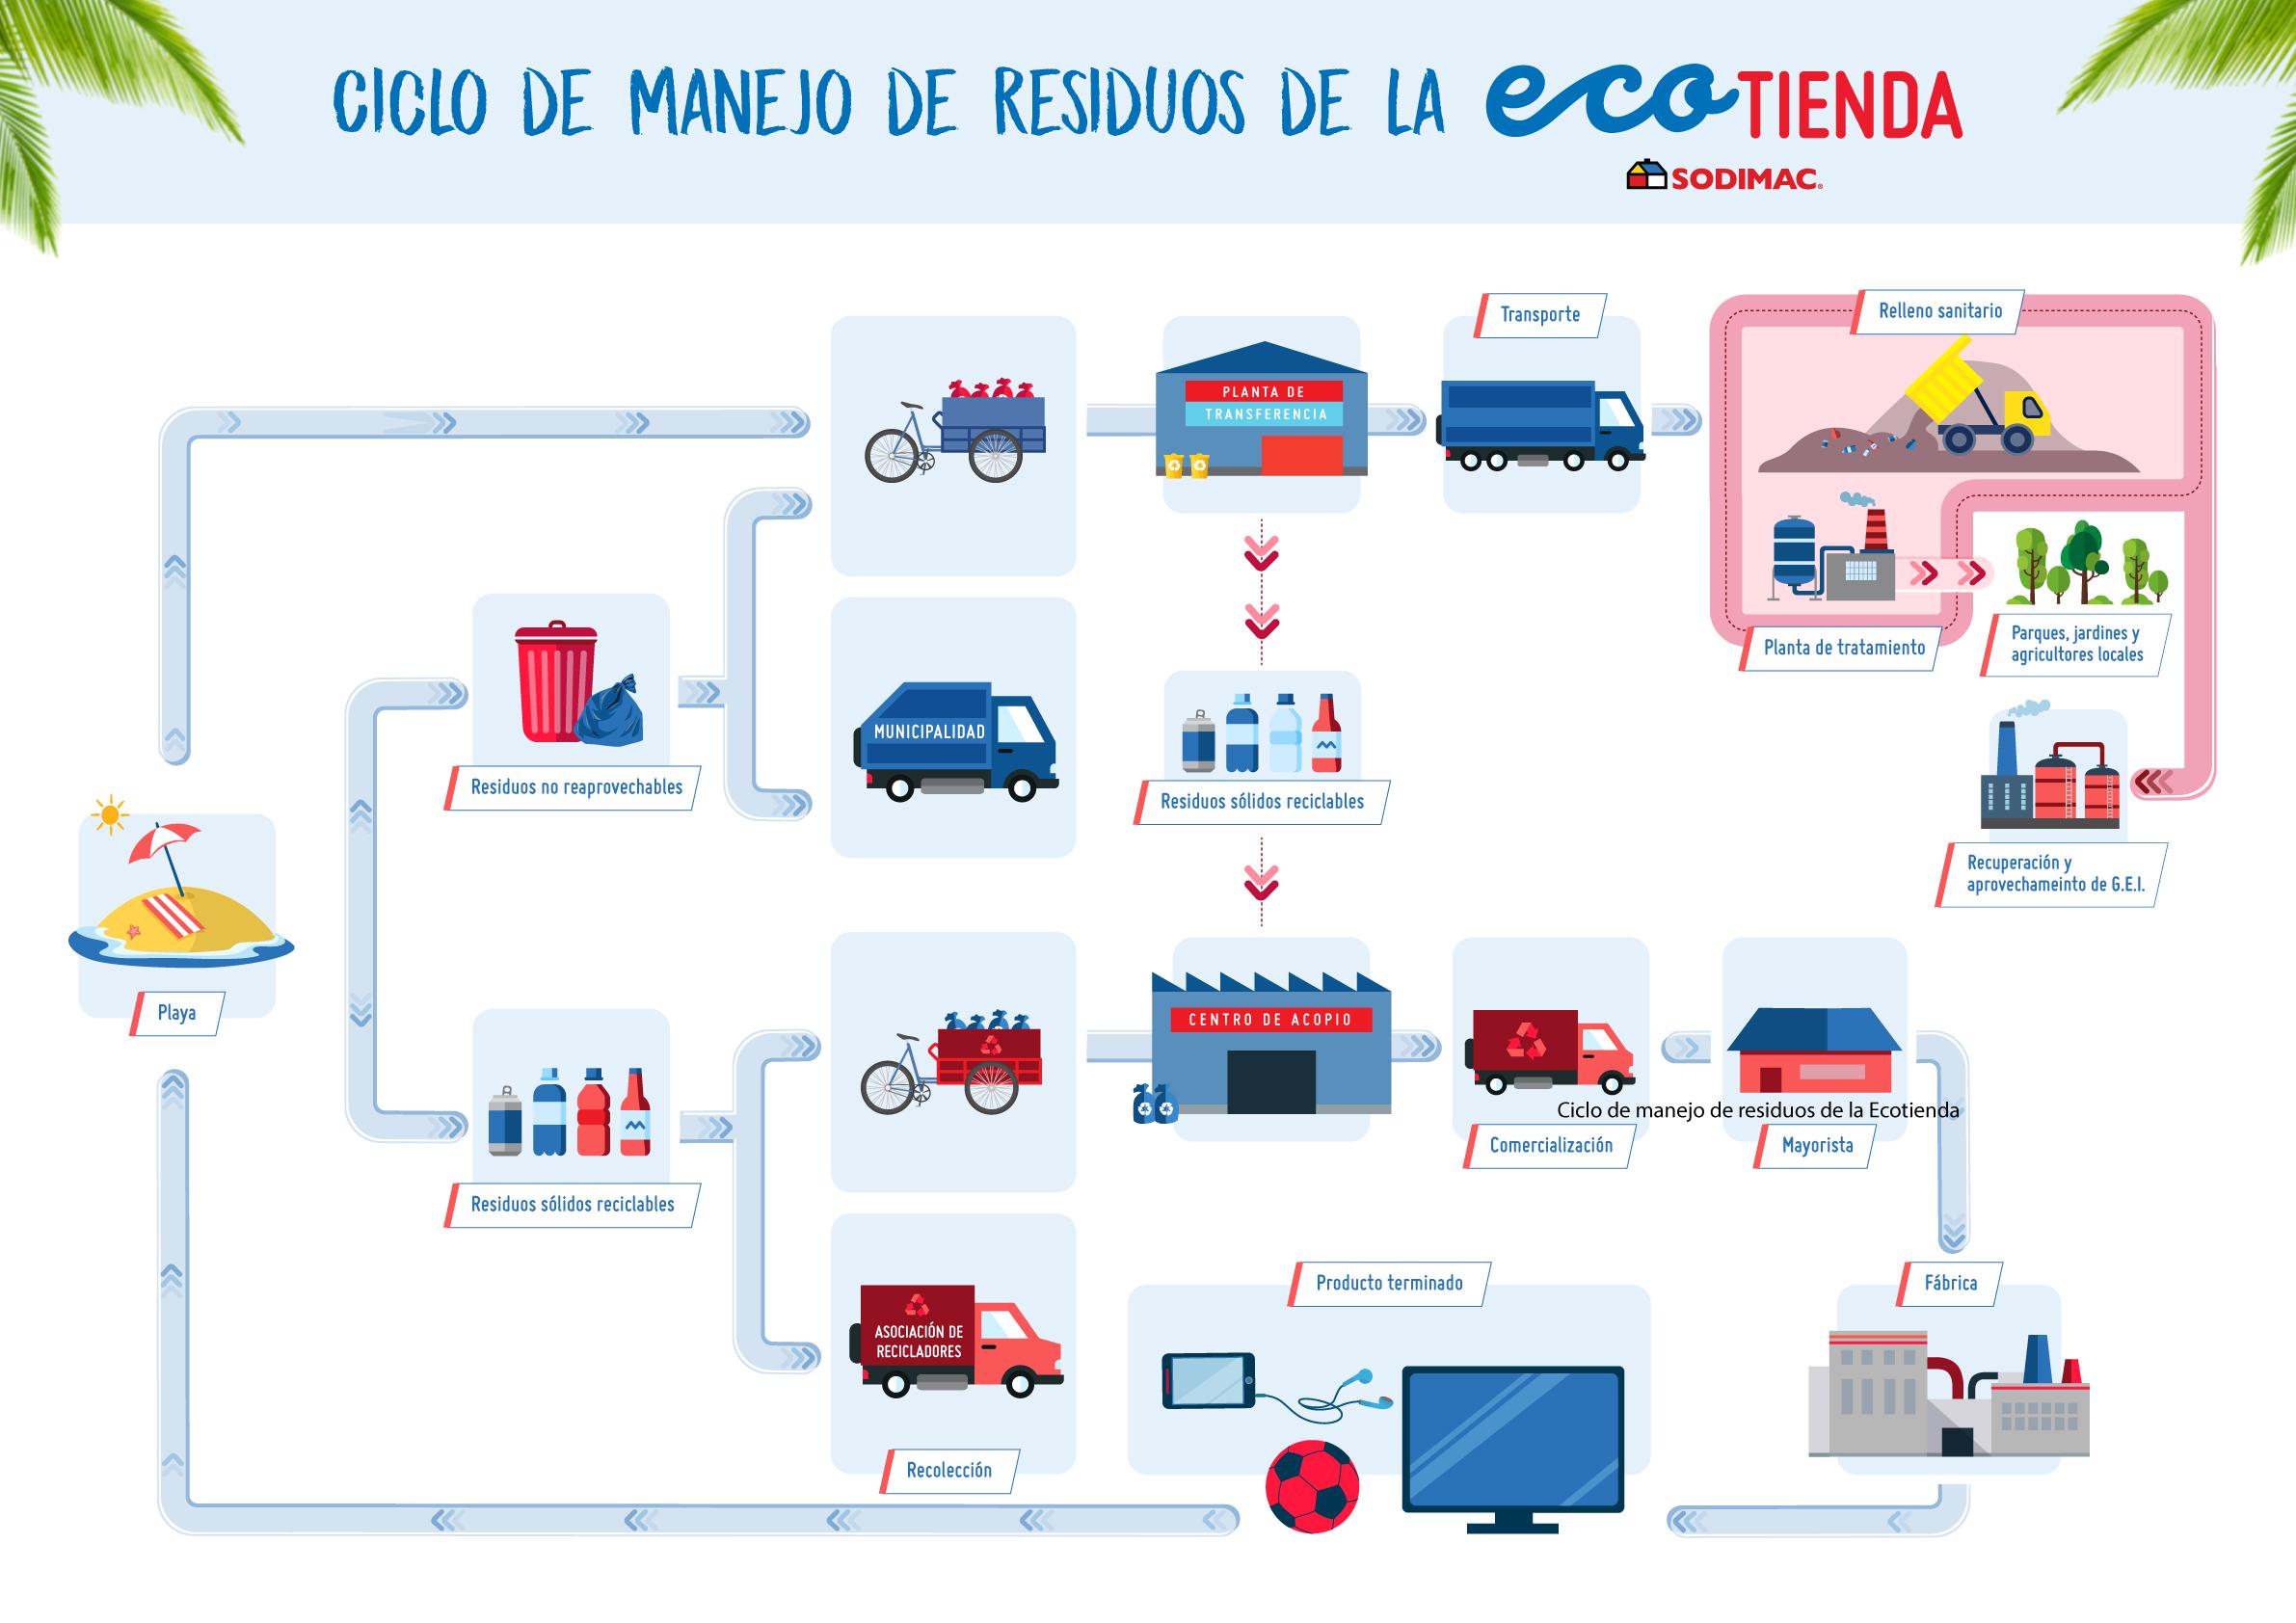 Ciclo de manejo de residuos - Perú: Sodimac y Maestro planean dejar de repartir bolsas plásticas